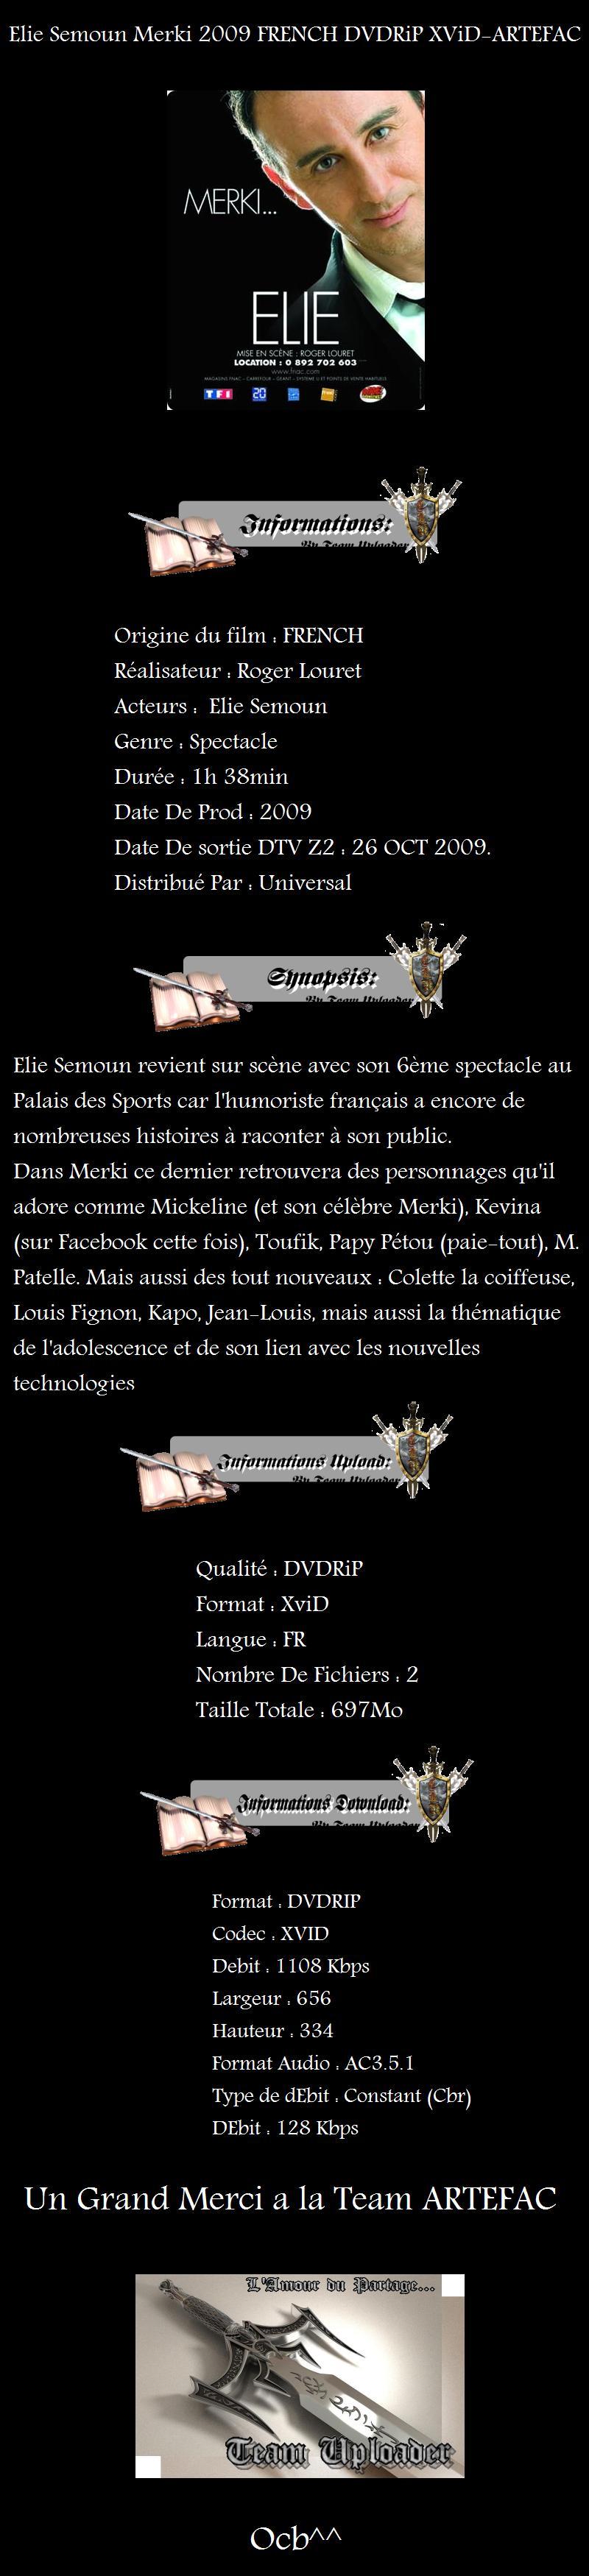 Elie Semoun - Merki DVDRIP FRENCH 2009